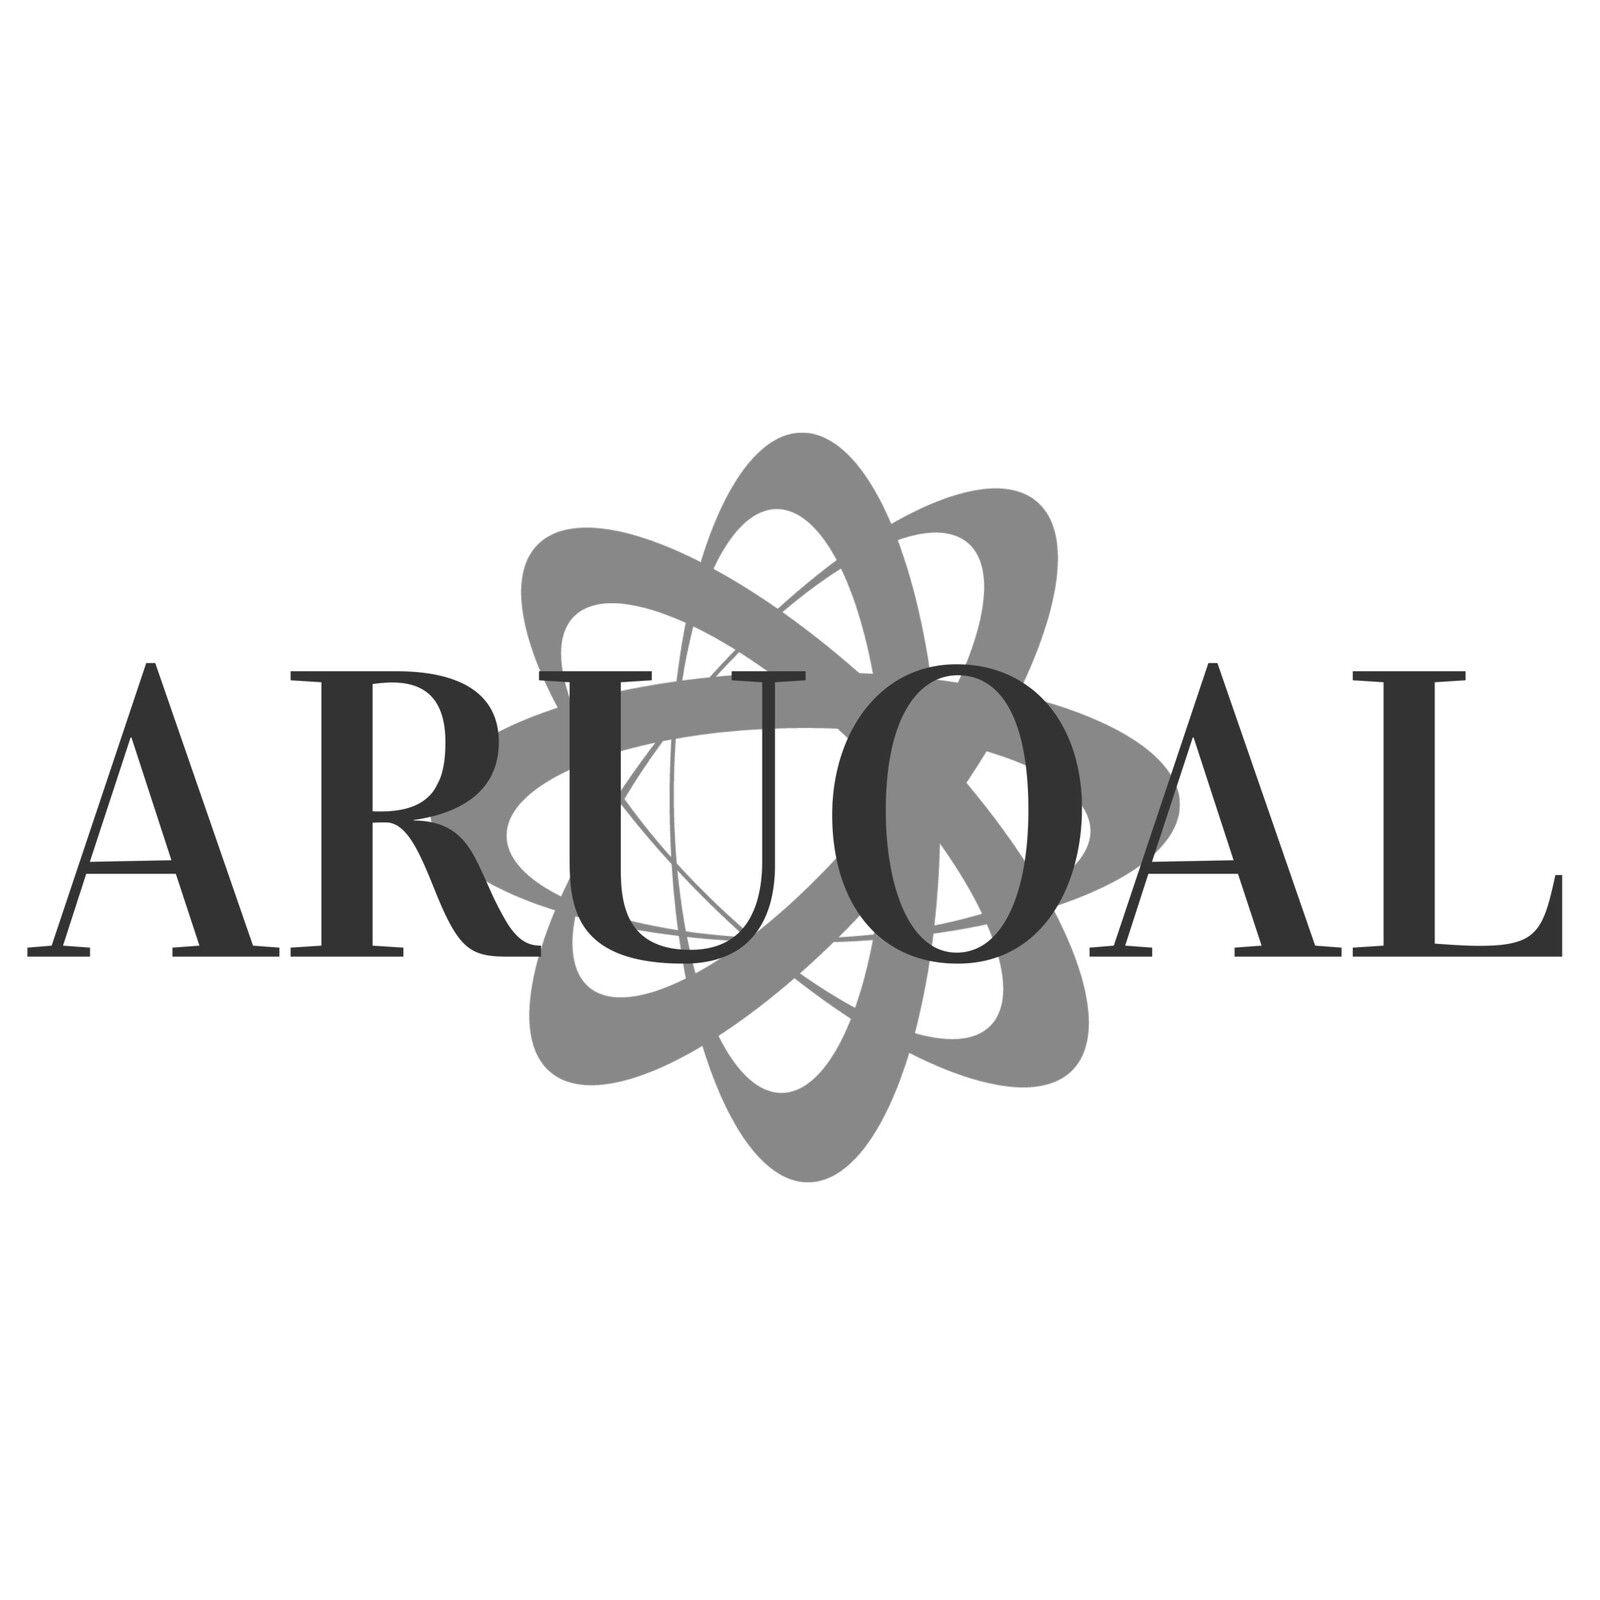 ARUOAL